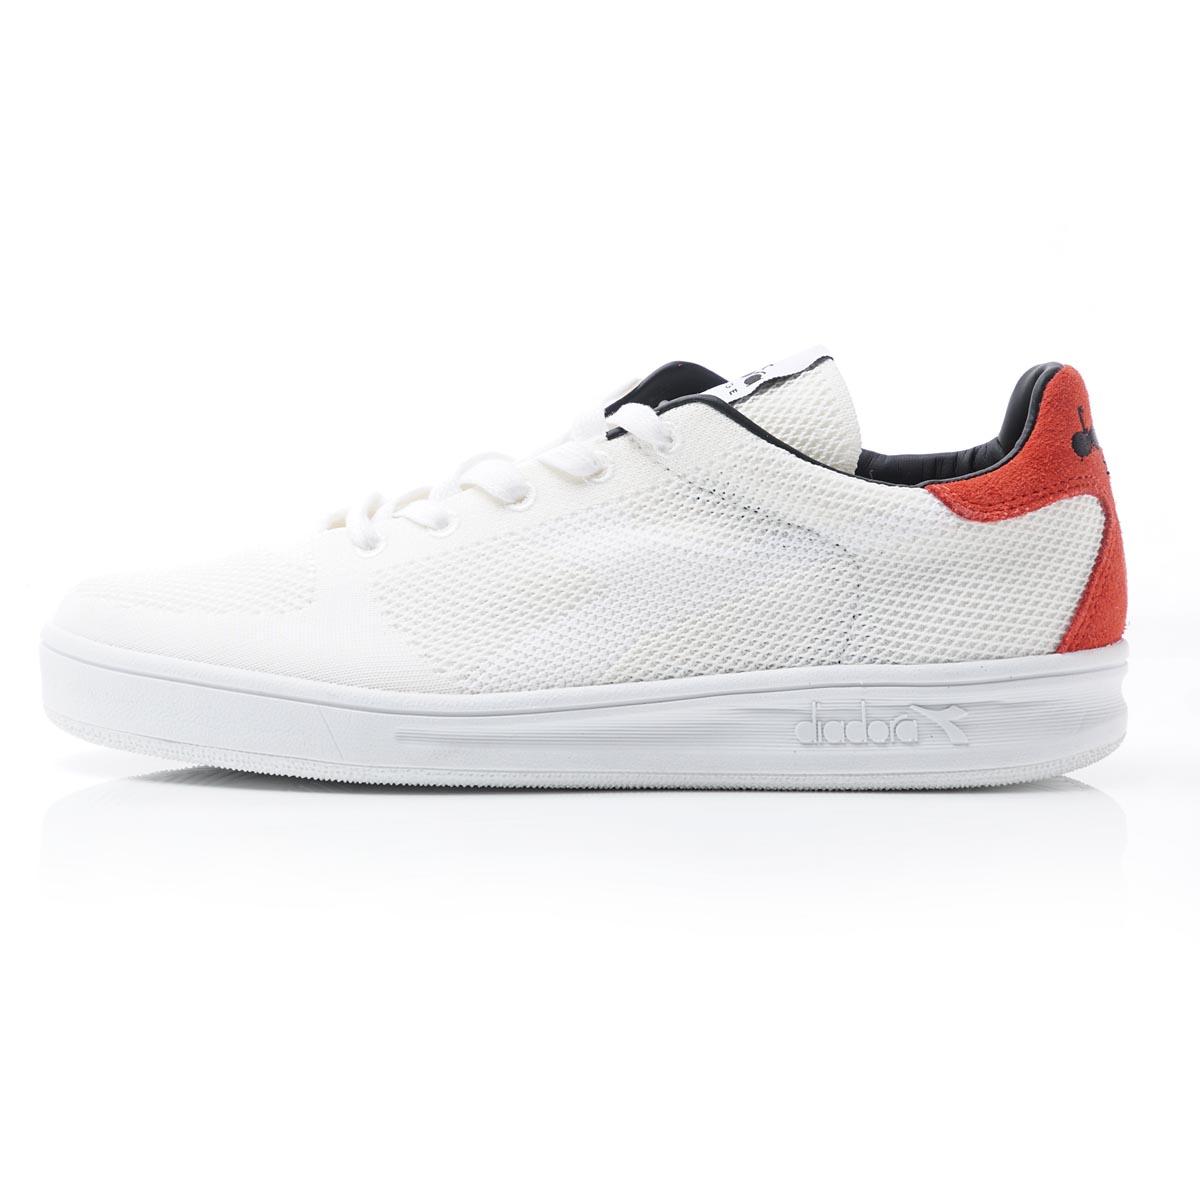 Textile Sneakers Weave Ebay Mens elite Diadora White Lace B Shoes Up 8wv7H8Xxnq